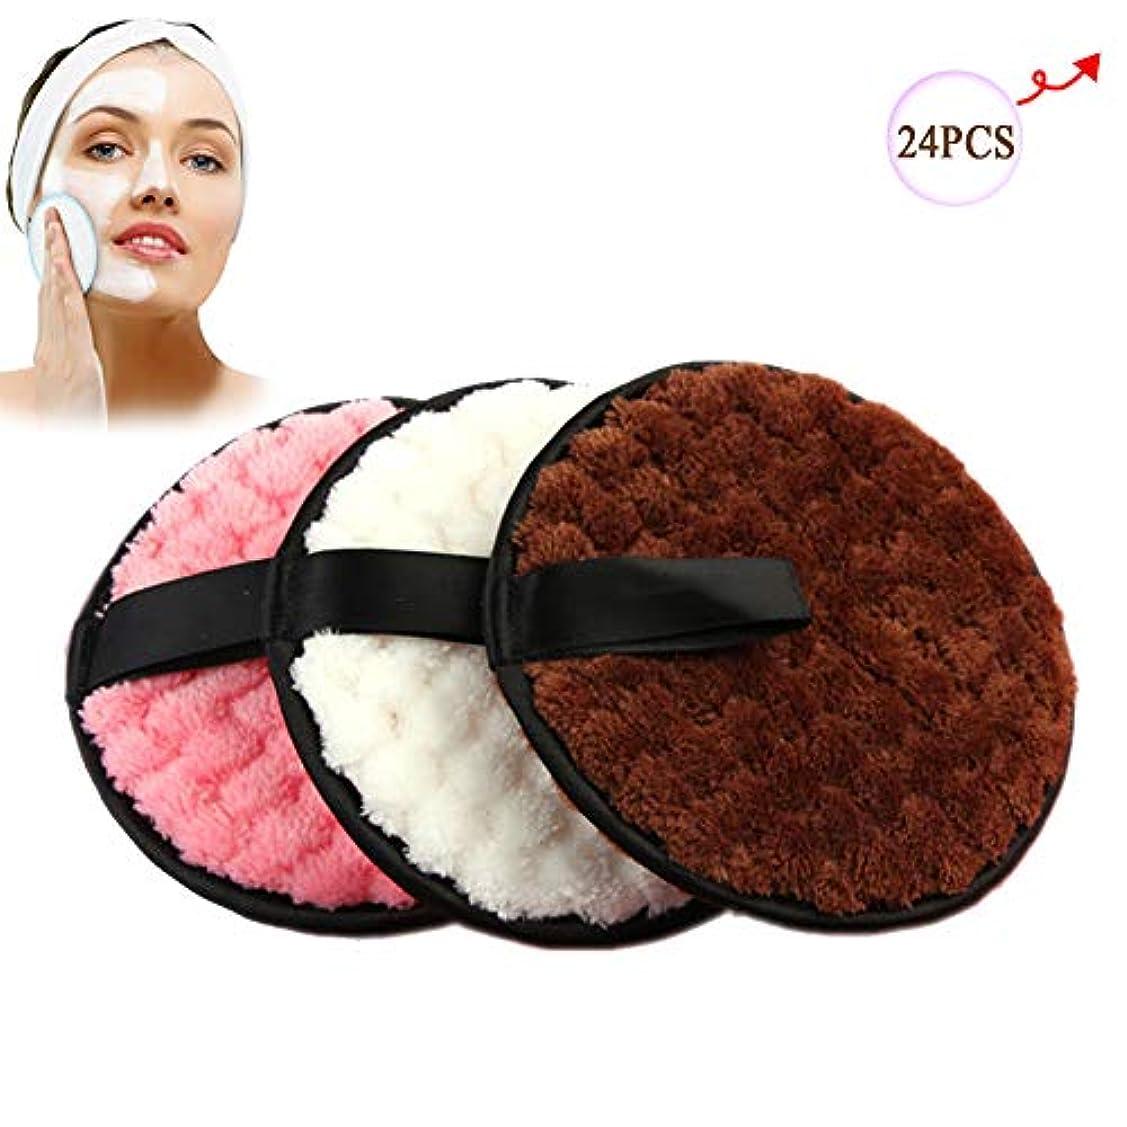 文明デマンド司書リムーバーパッド、再利用可能なクレンジングコットンファイバー吸収性綿パッド女性のための顔/目/唇,24PCS